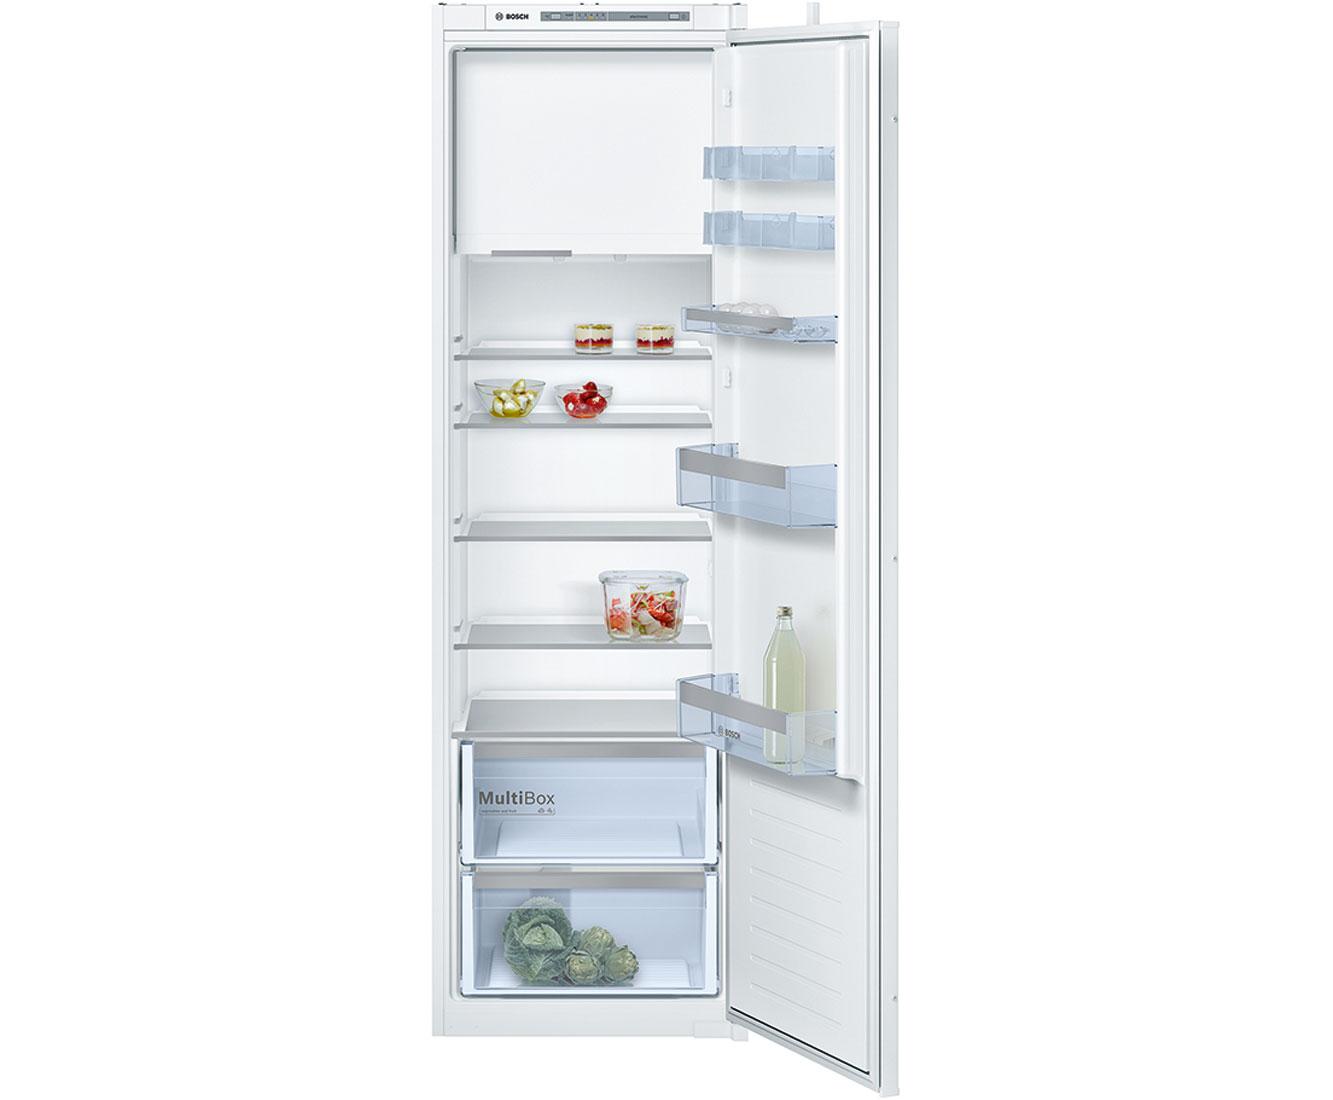 Kuhlschranke bosch dockarmcom for Kühlschrank mit gro em gefrierfach